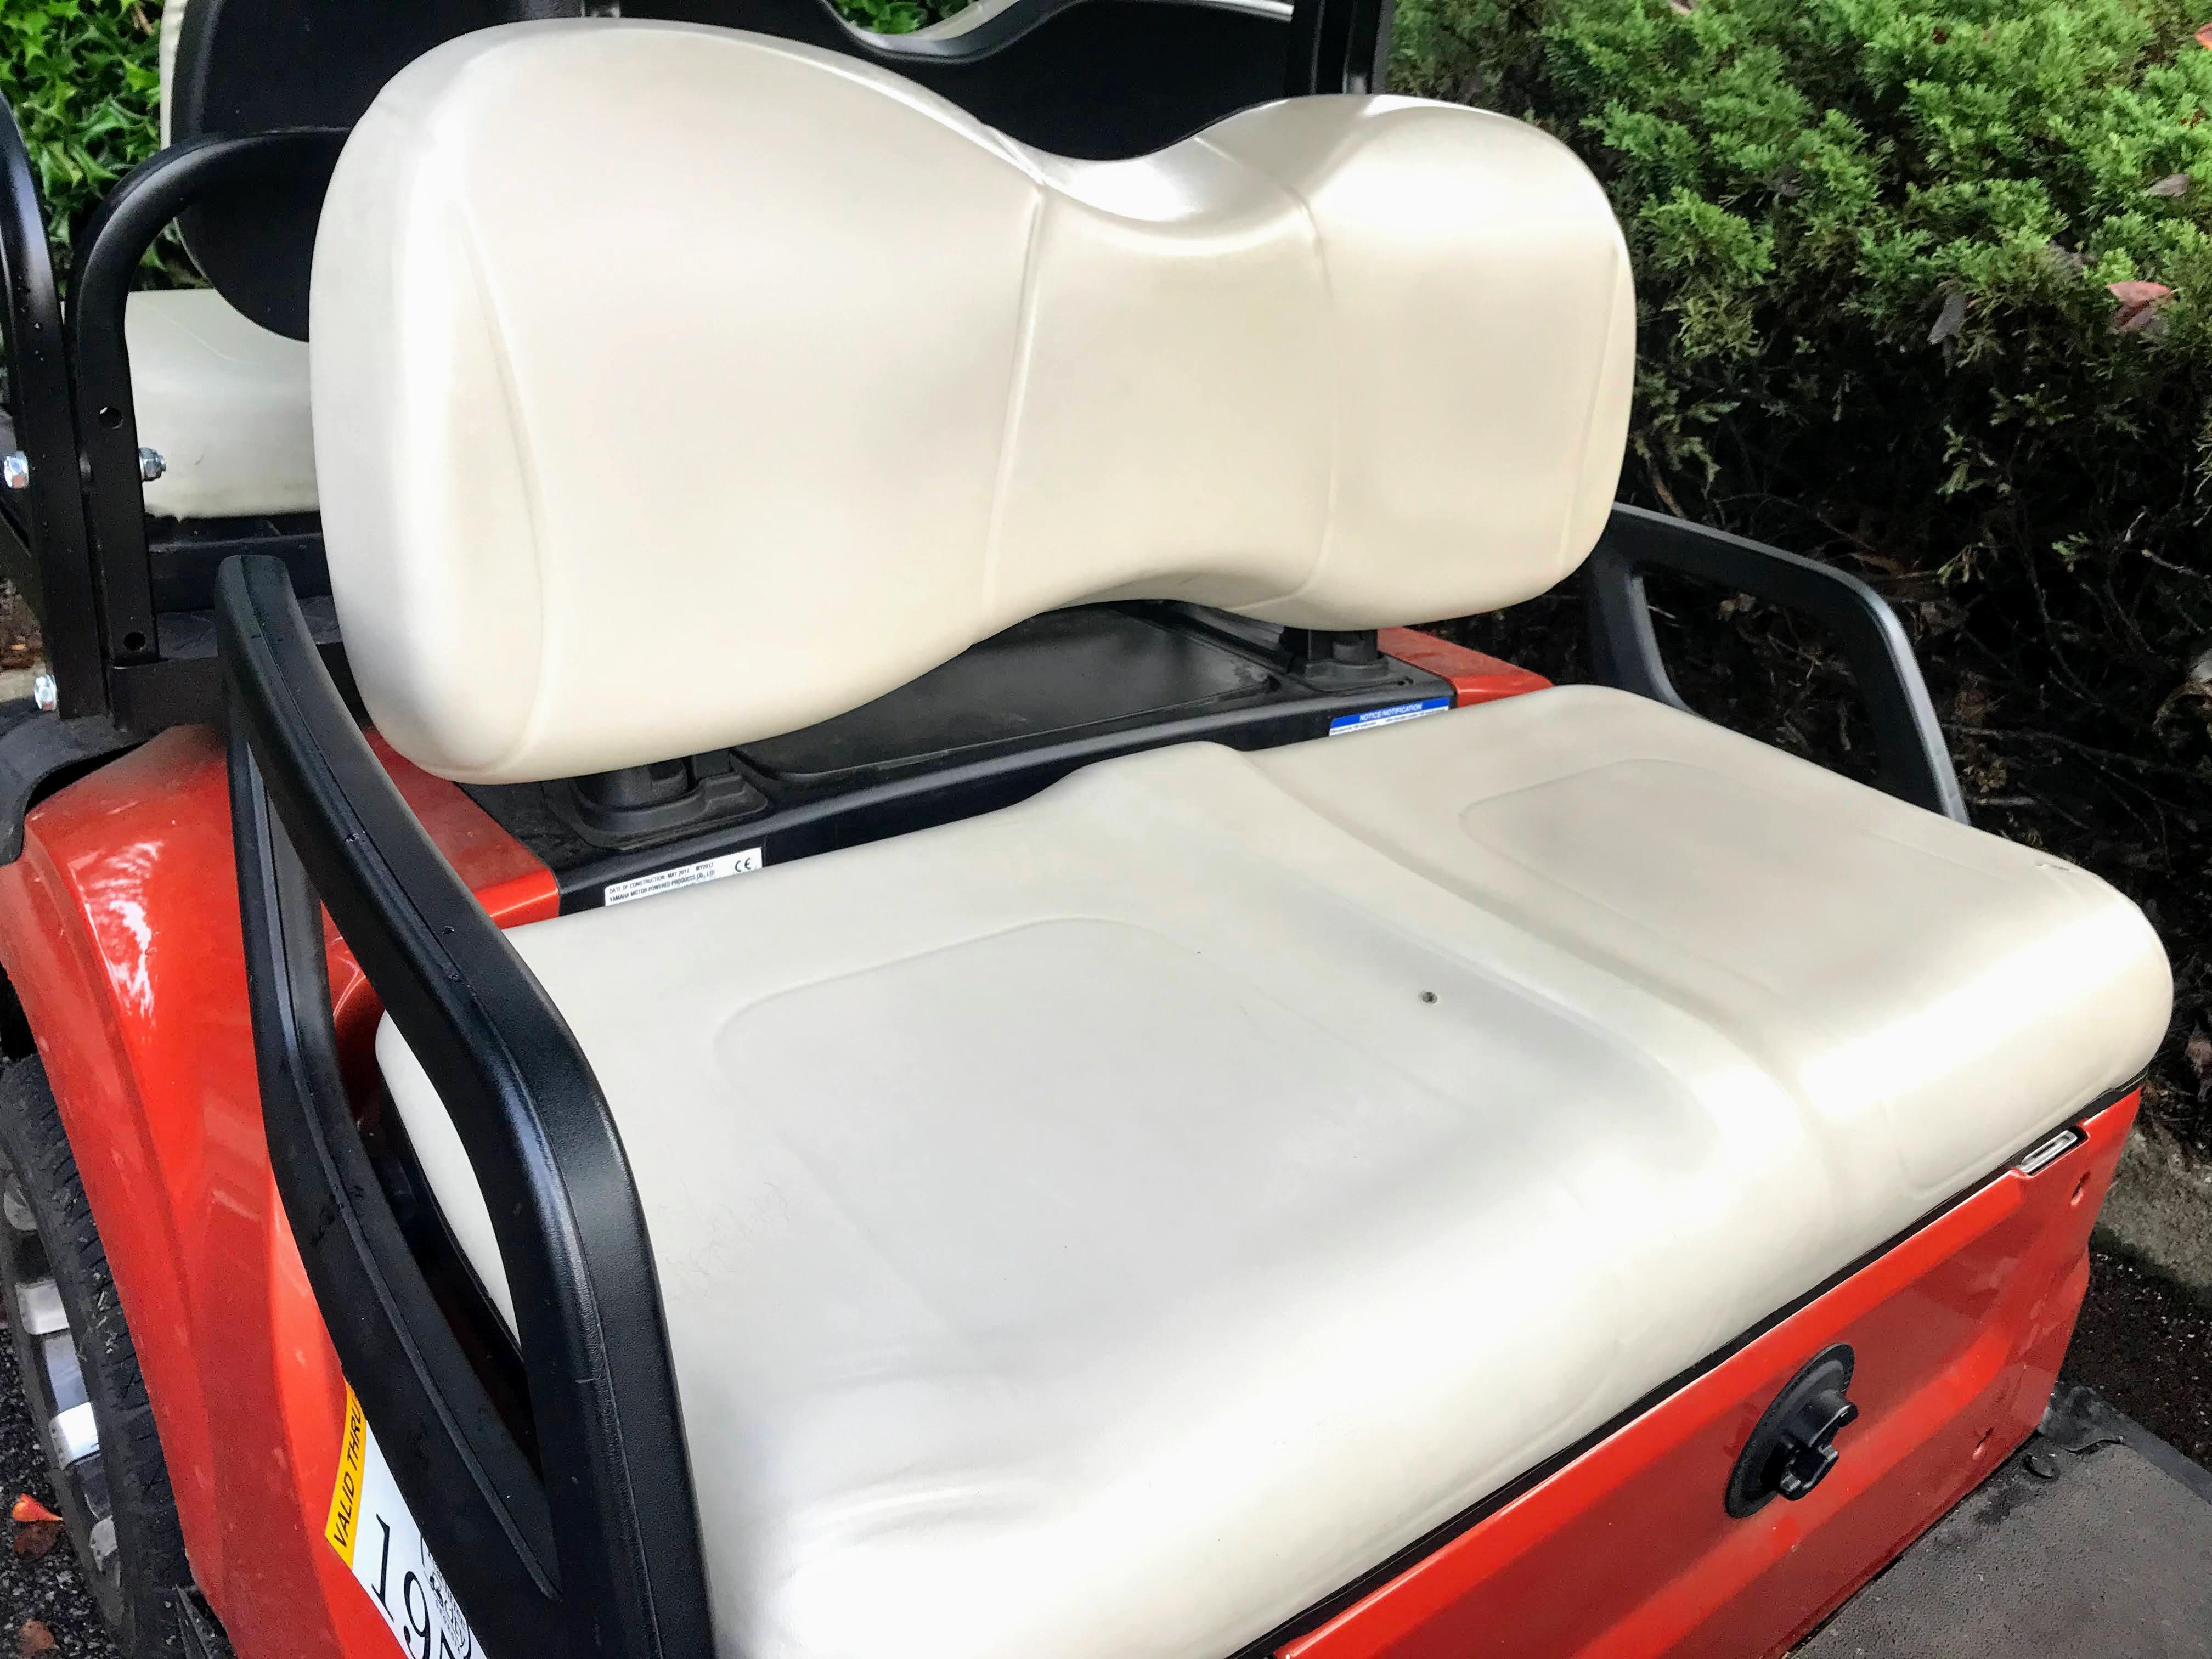 Yamaha golf cart seat covers